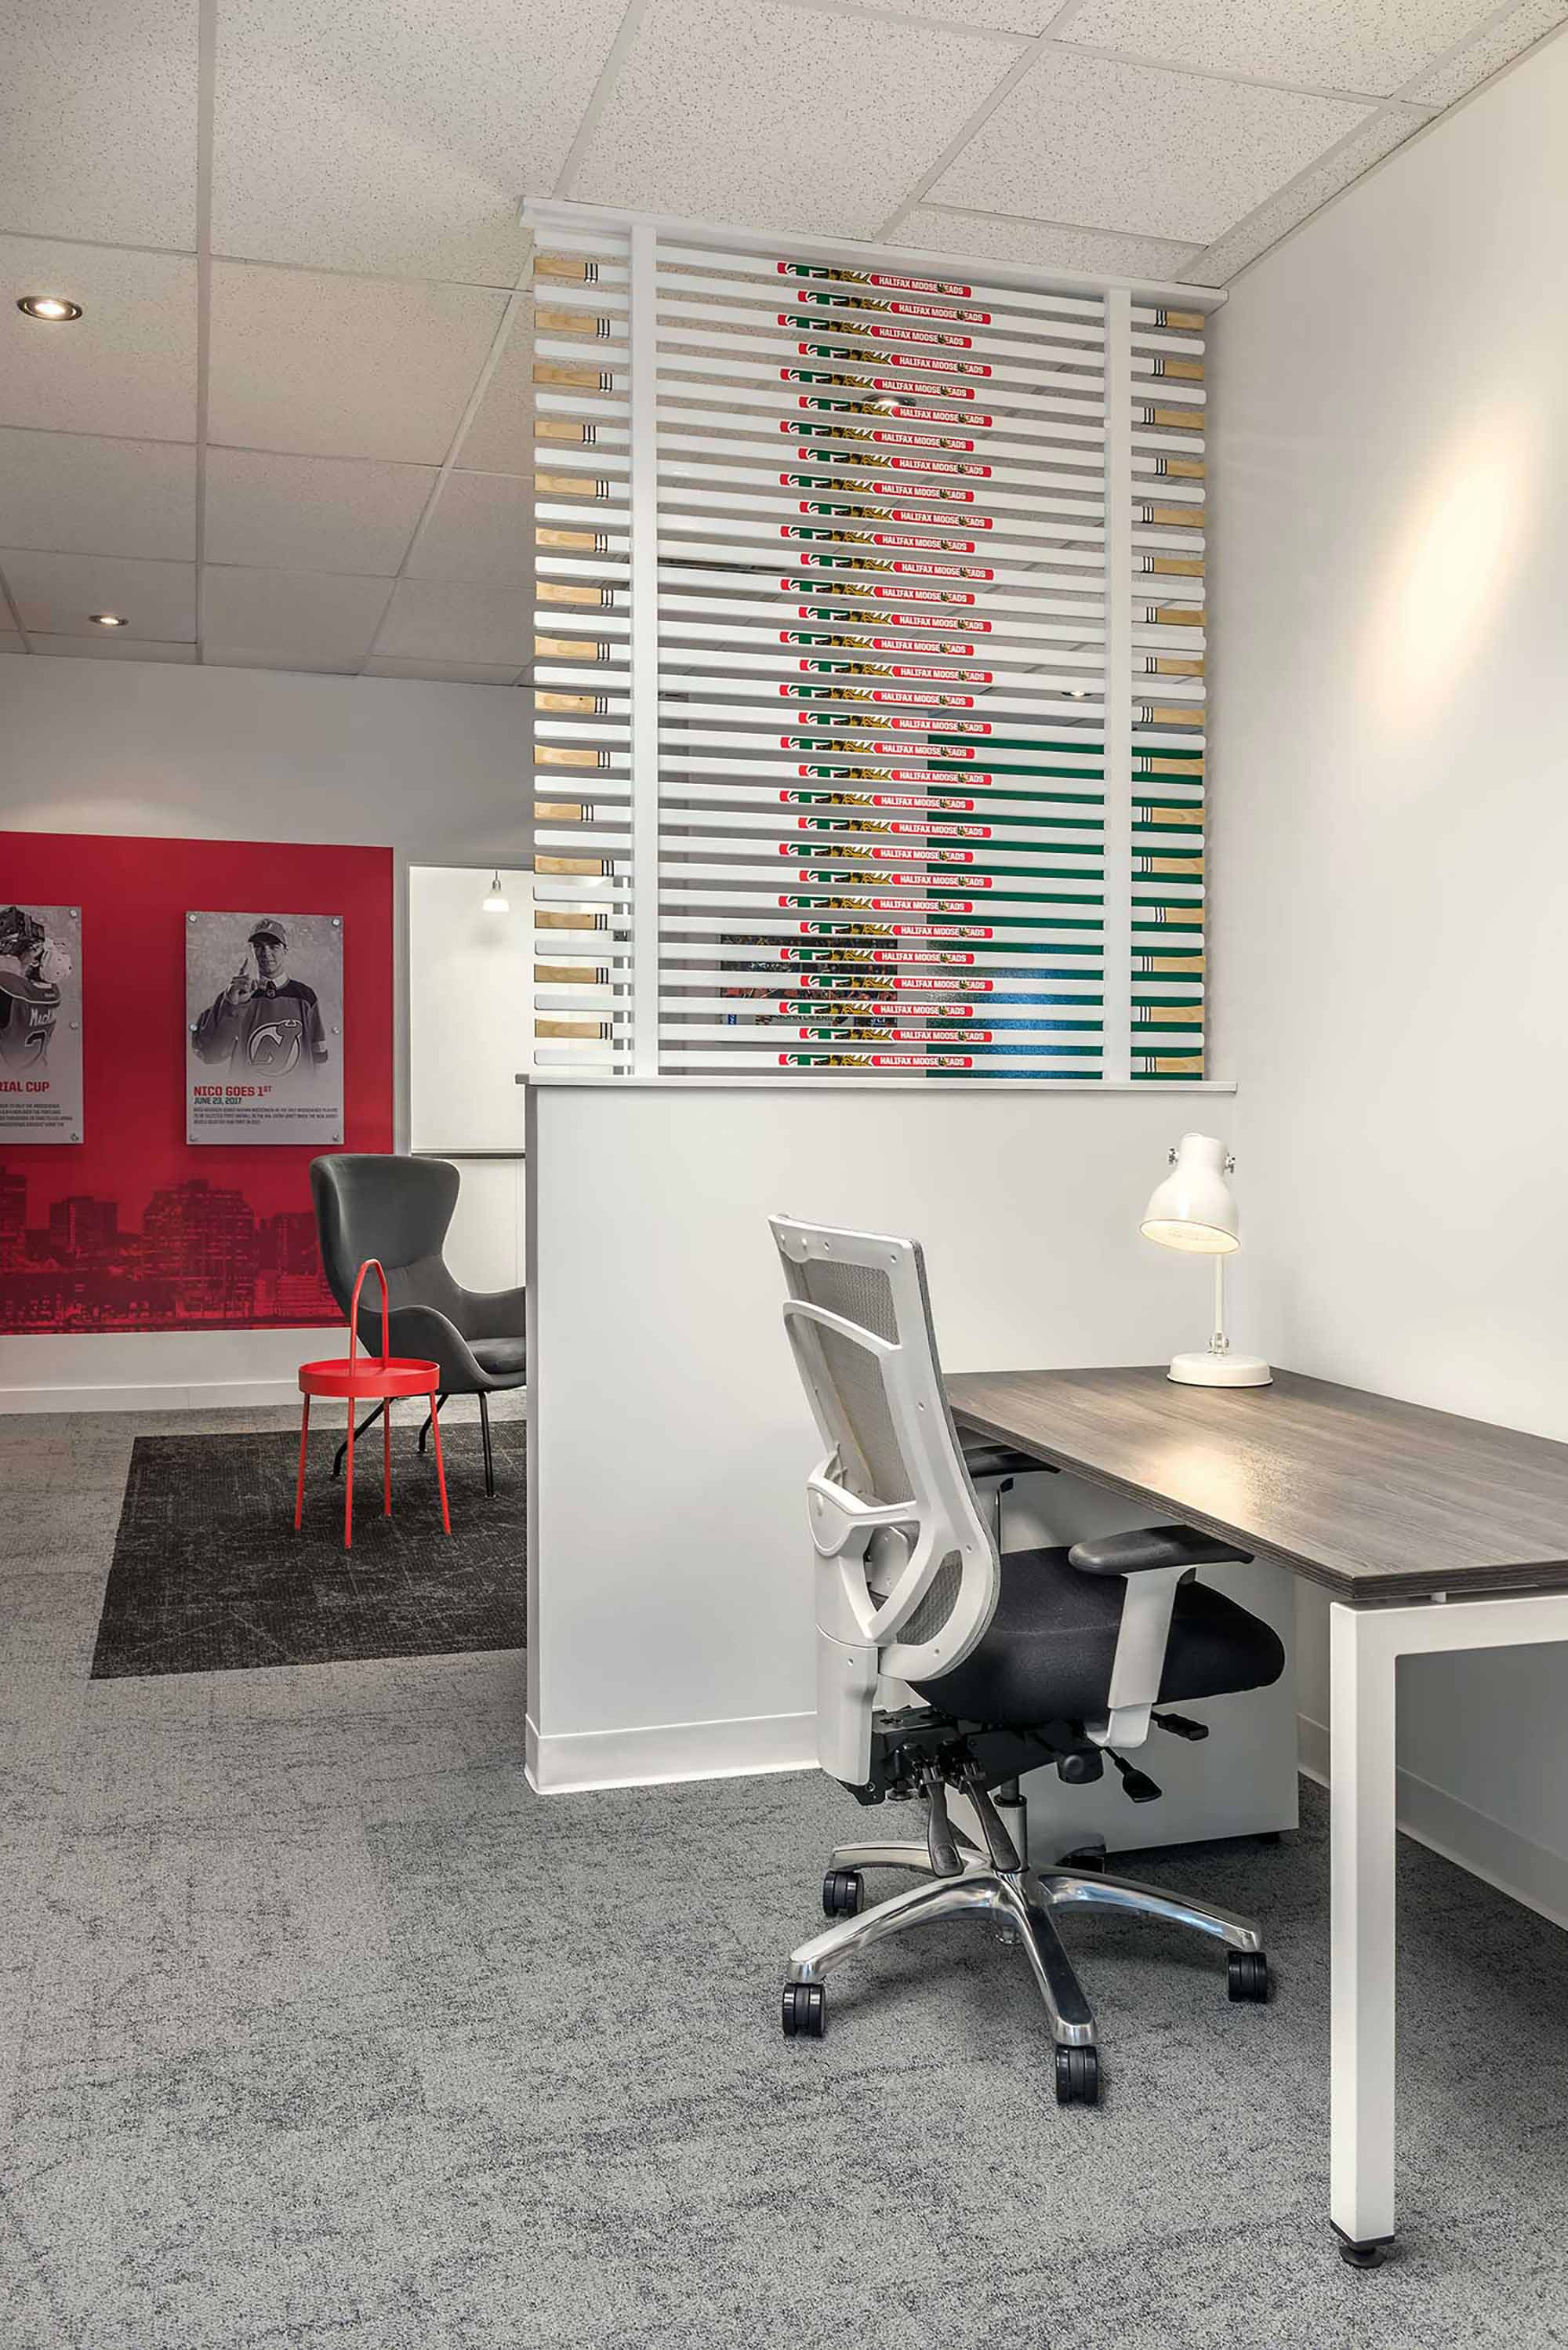 interior-design-athletic-office-area.jpg